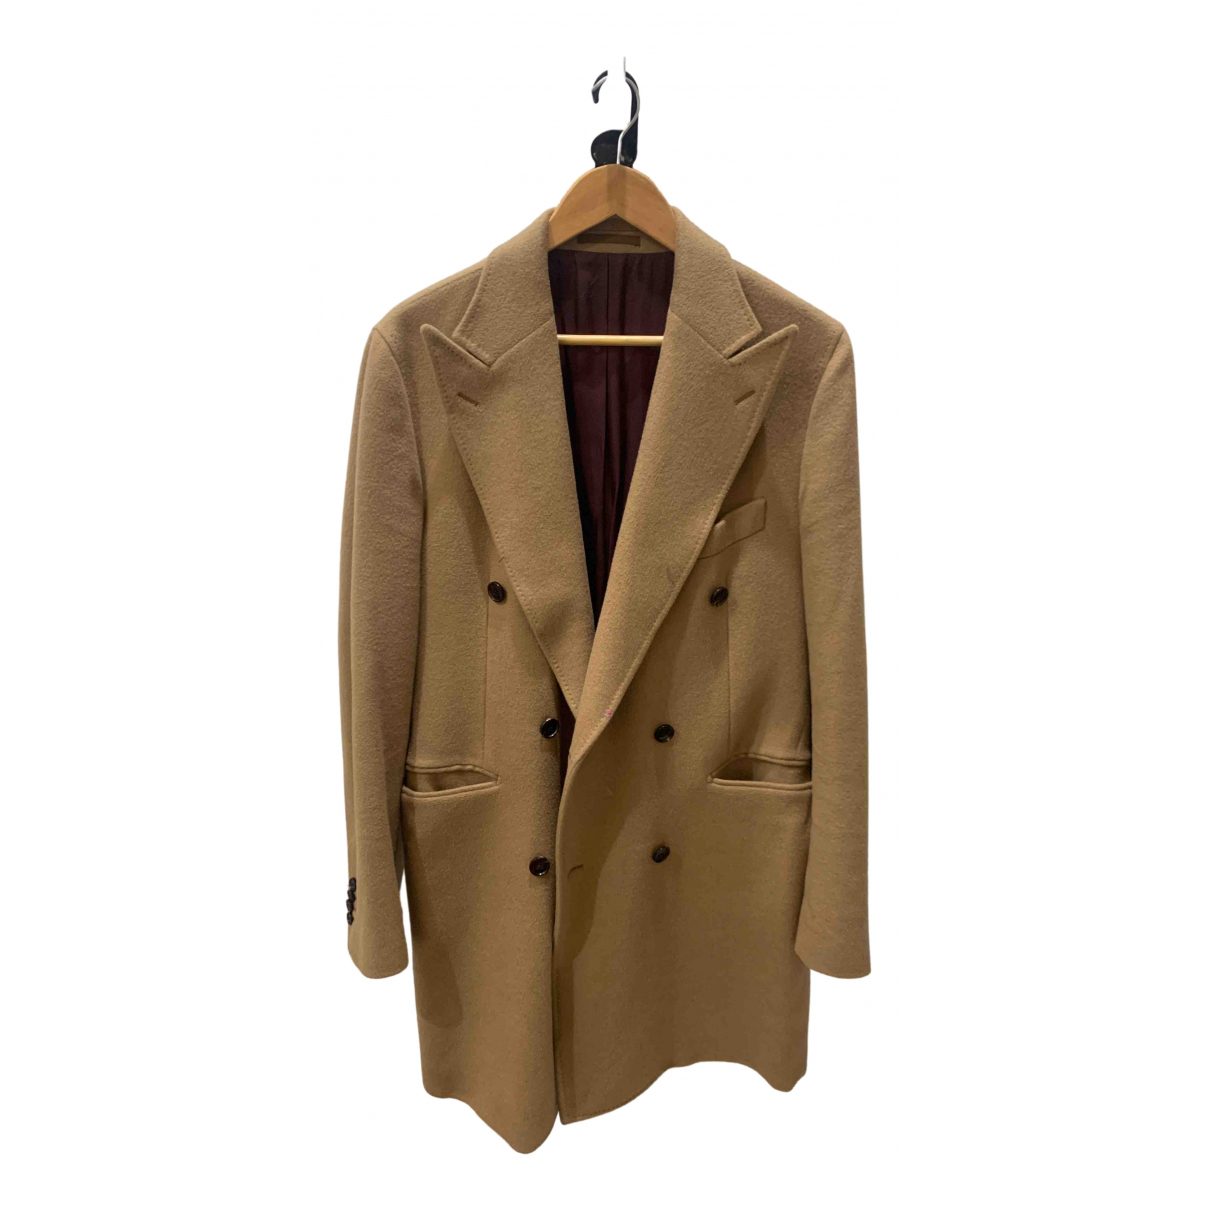 Suitsupply - Manteau   pour homme en toile - beige